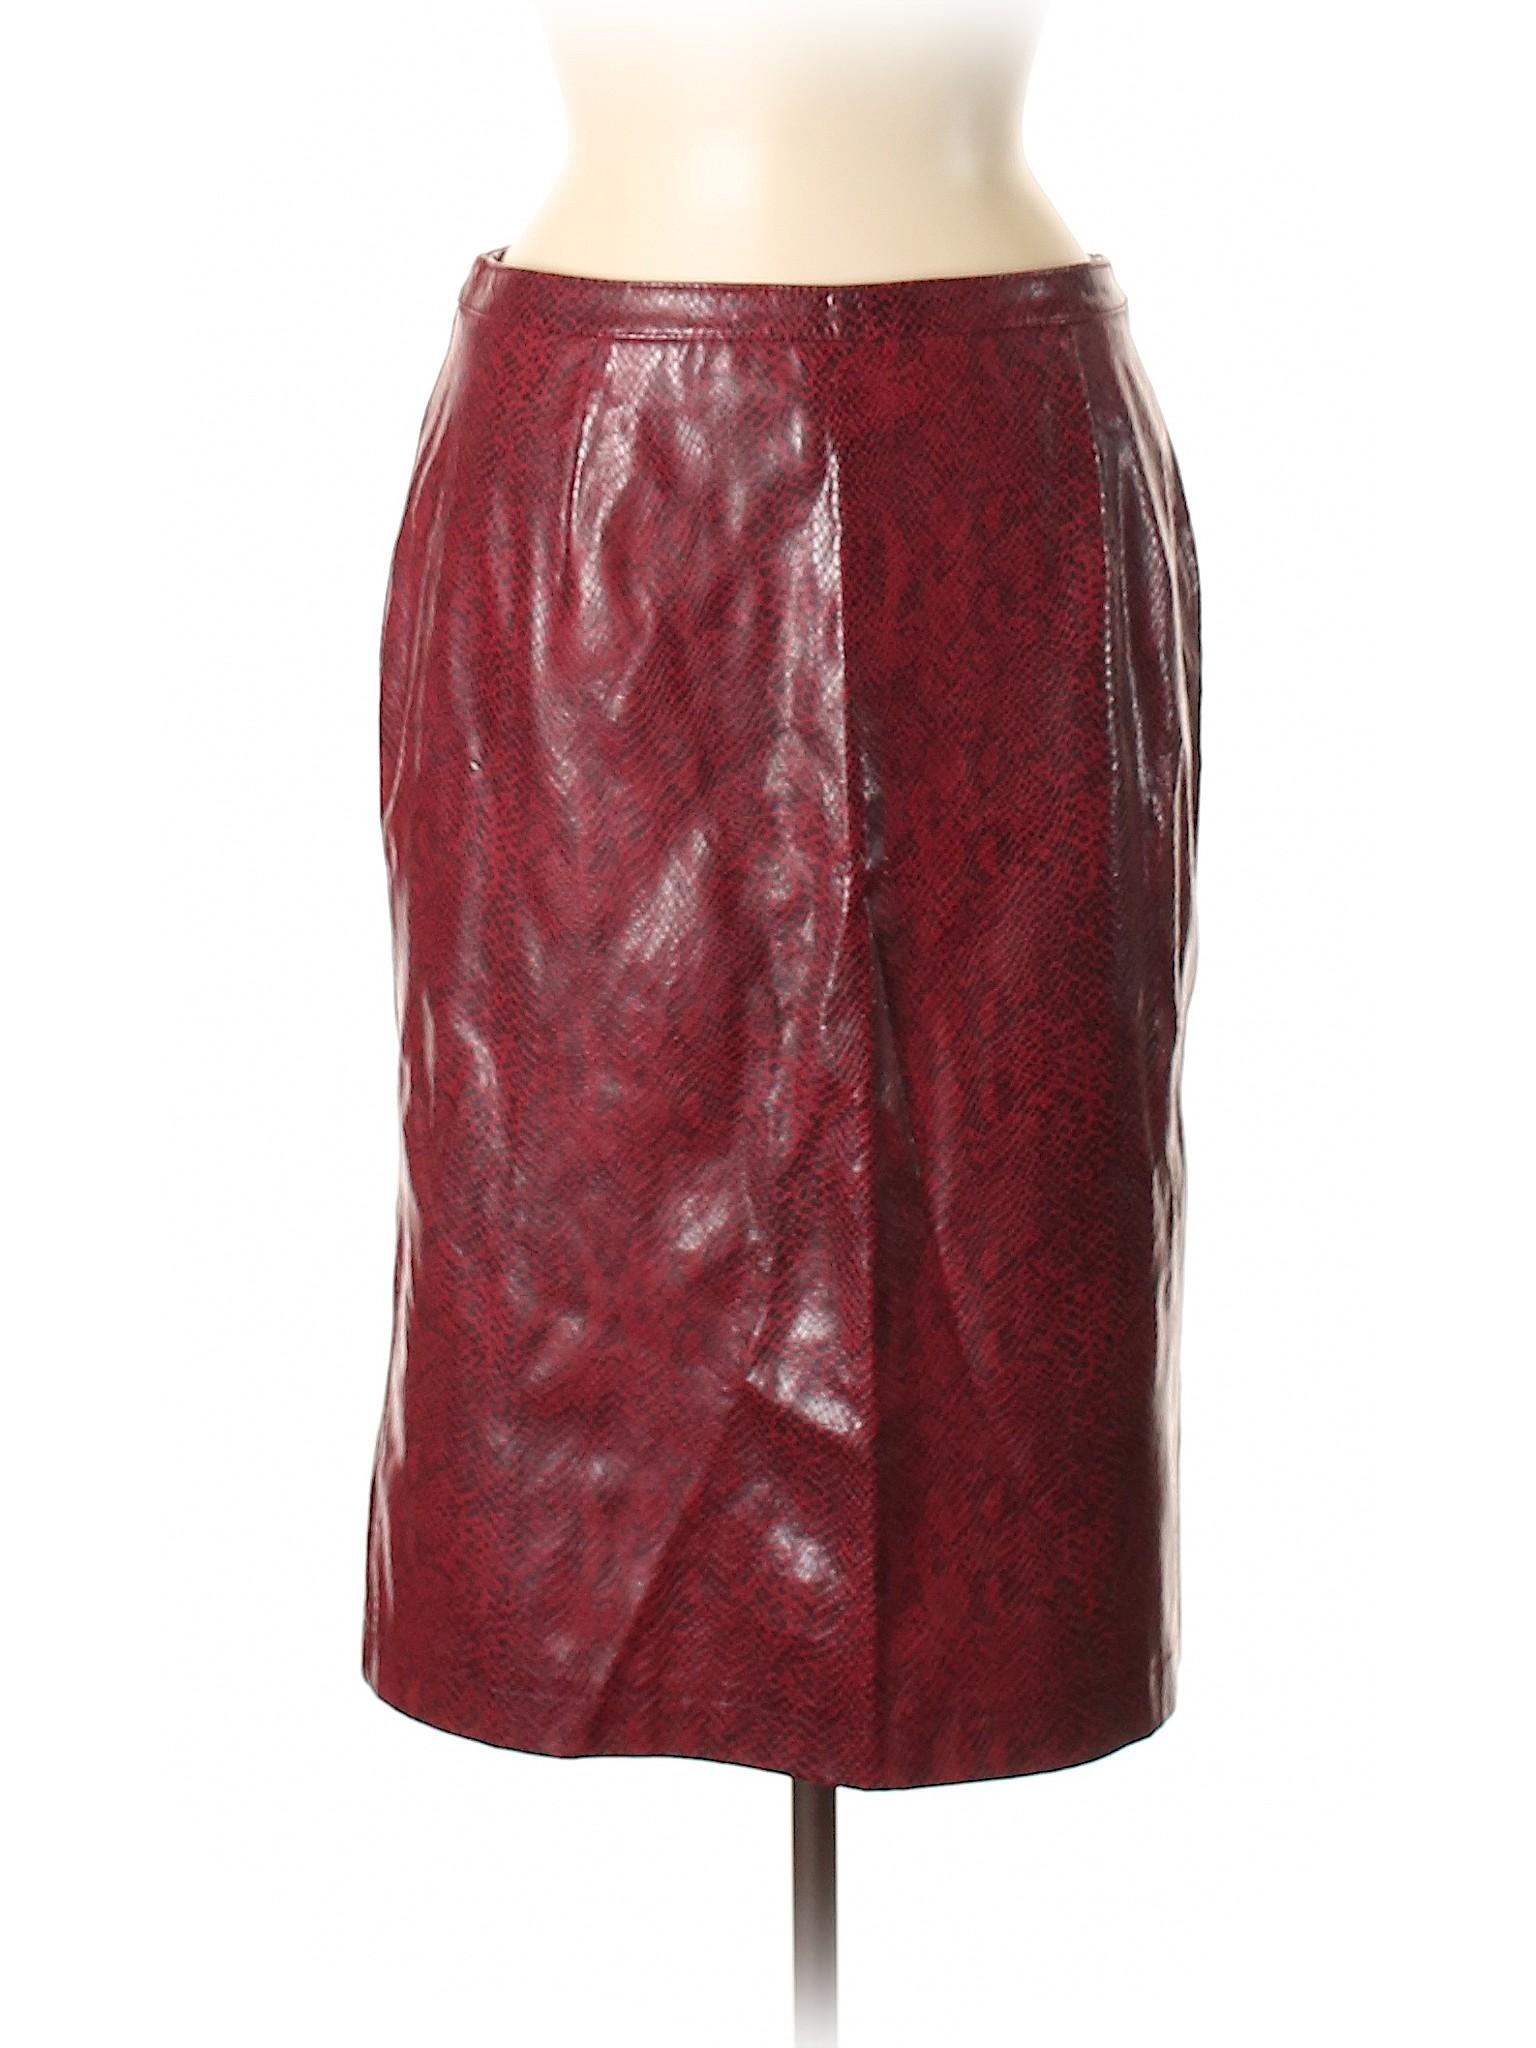 Leather Faux Faux Boutique Leather Boutique Skirt Skirt Faux Leather Boutique Skirt Faux Boutique Leather 6AIxqz4z